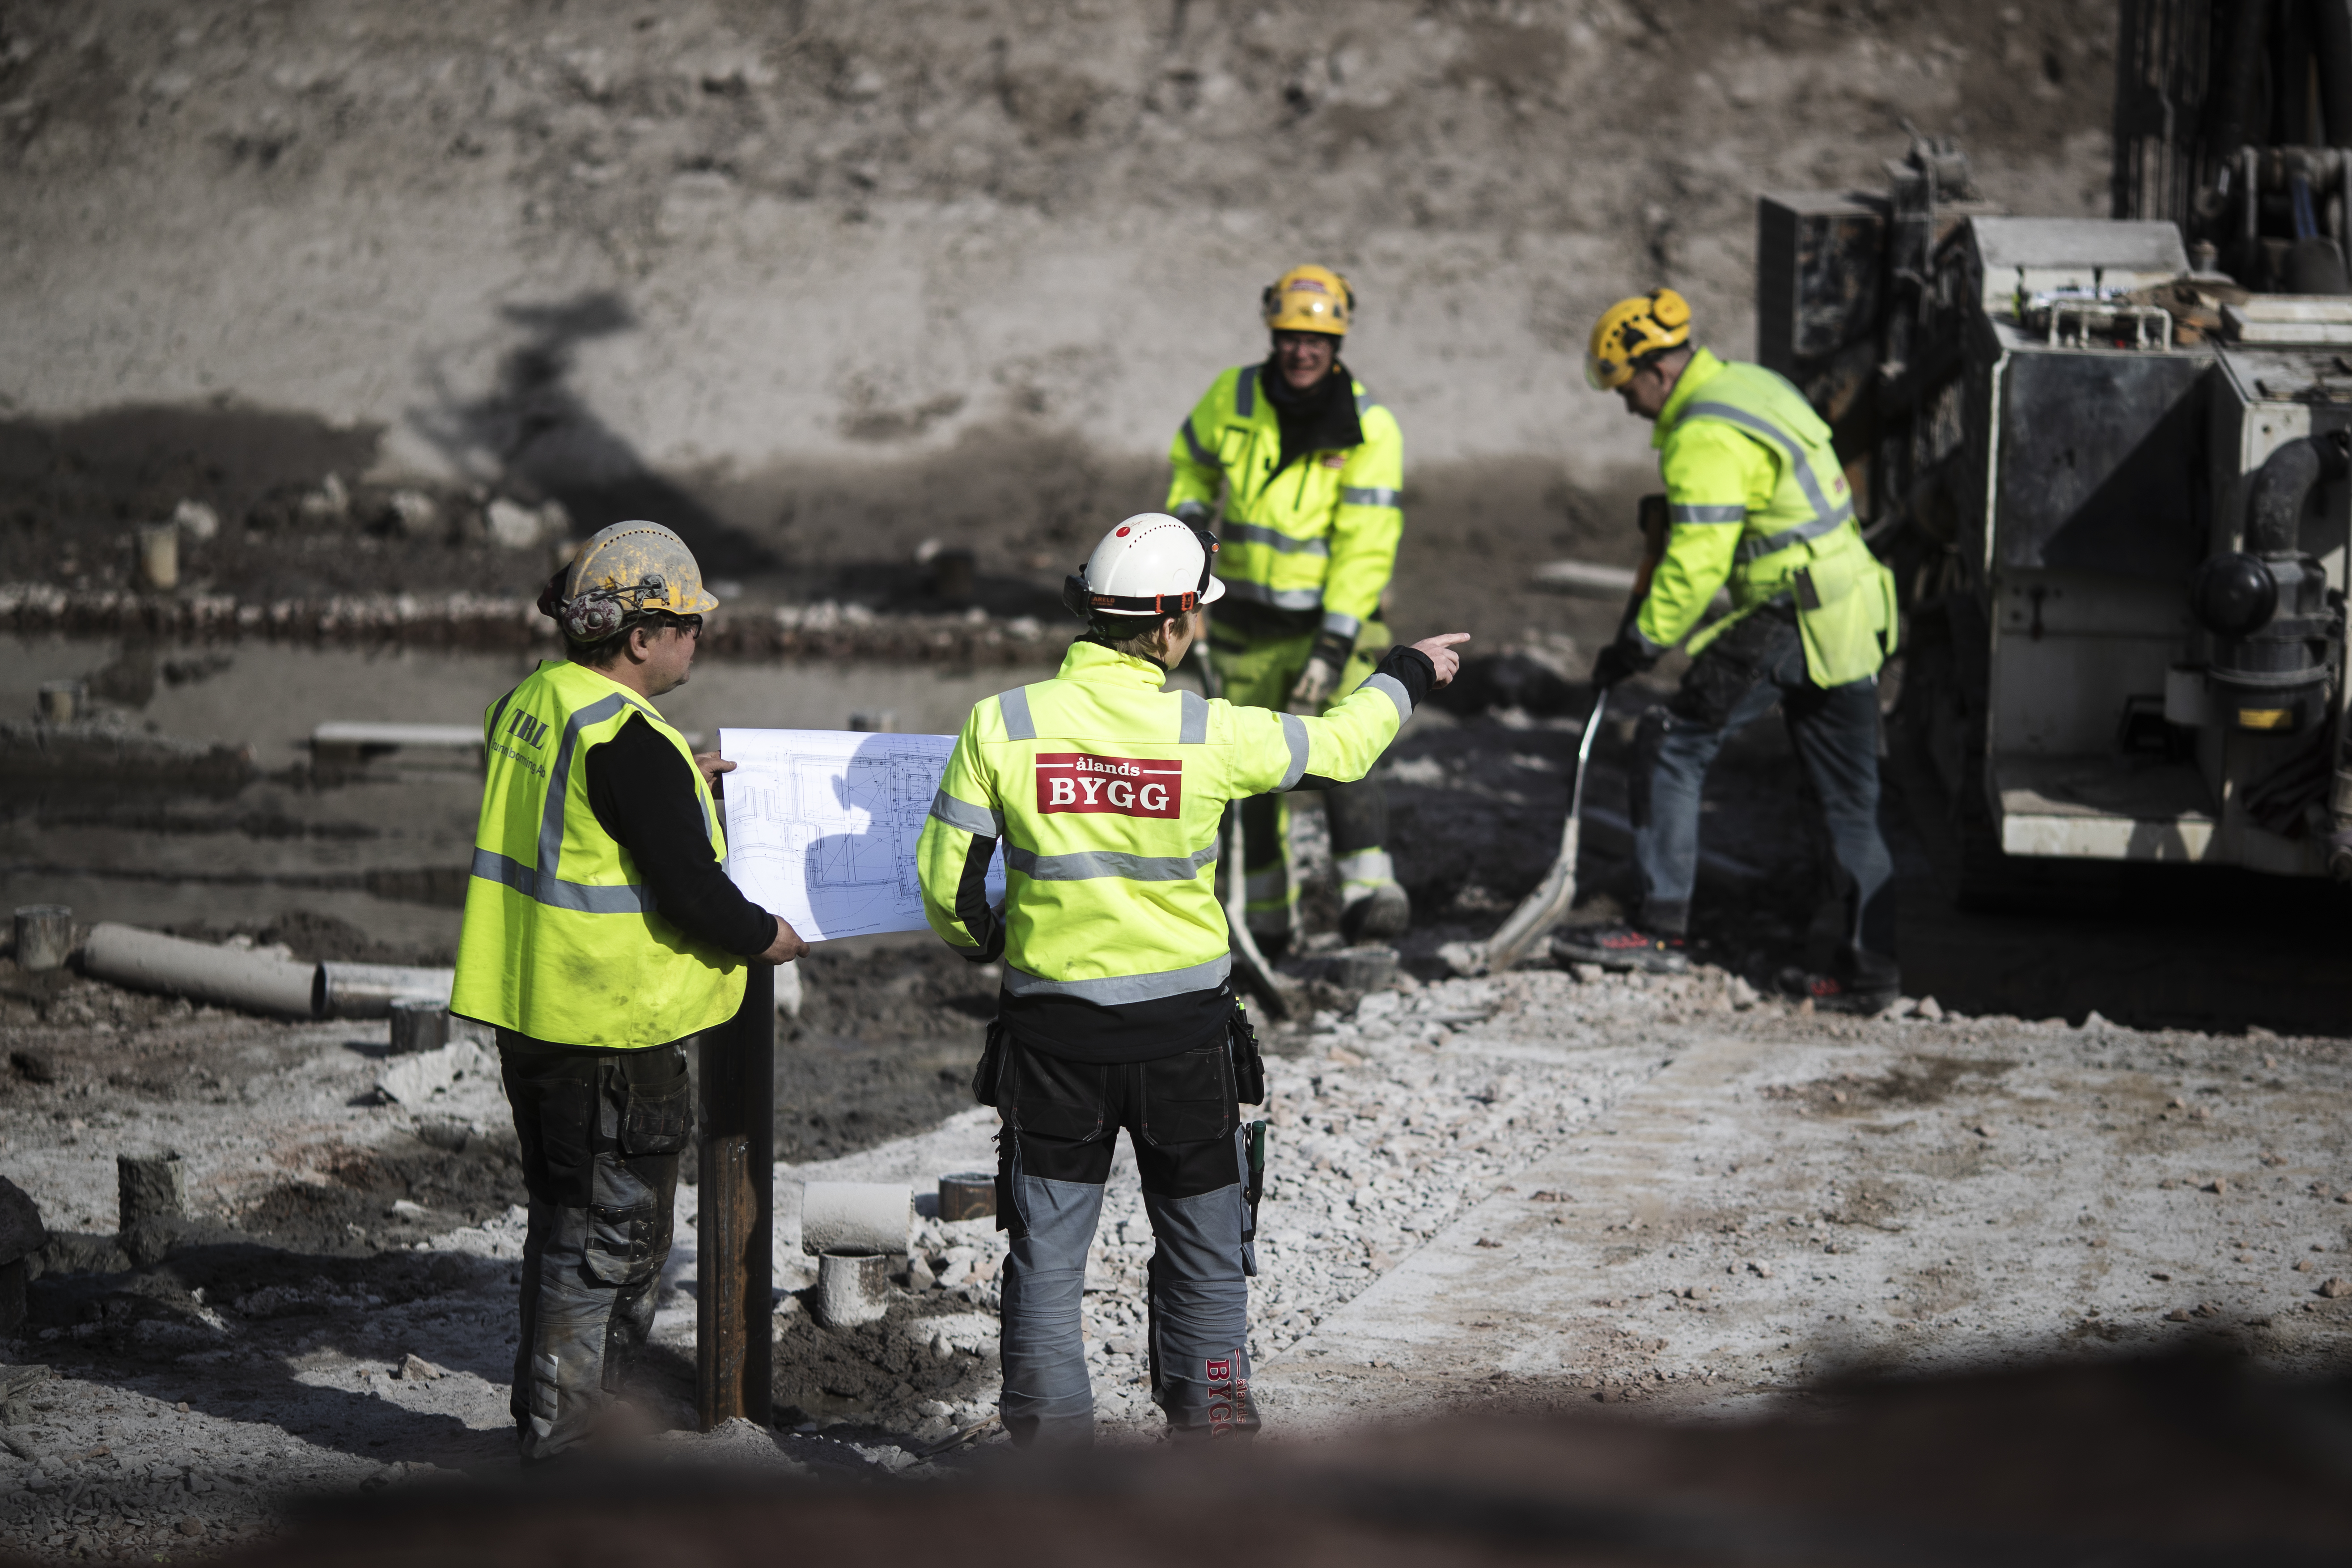 Fyra byggarbetare står utomhus